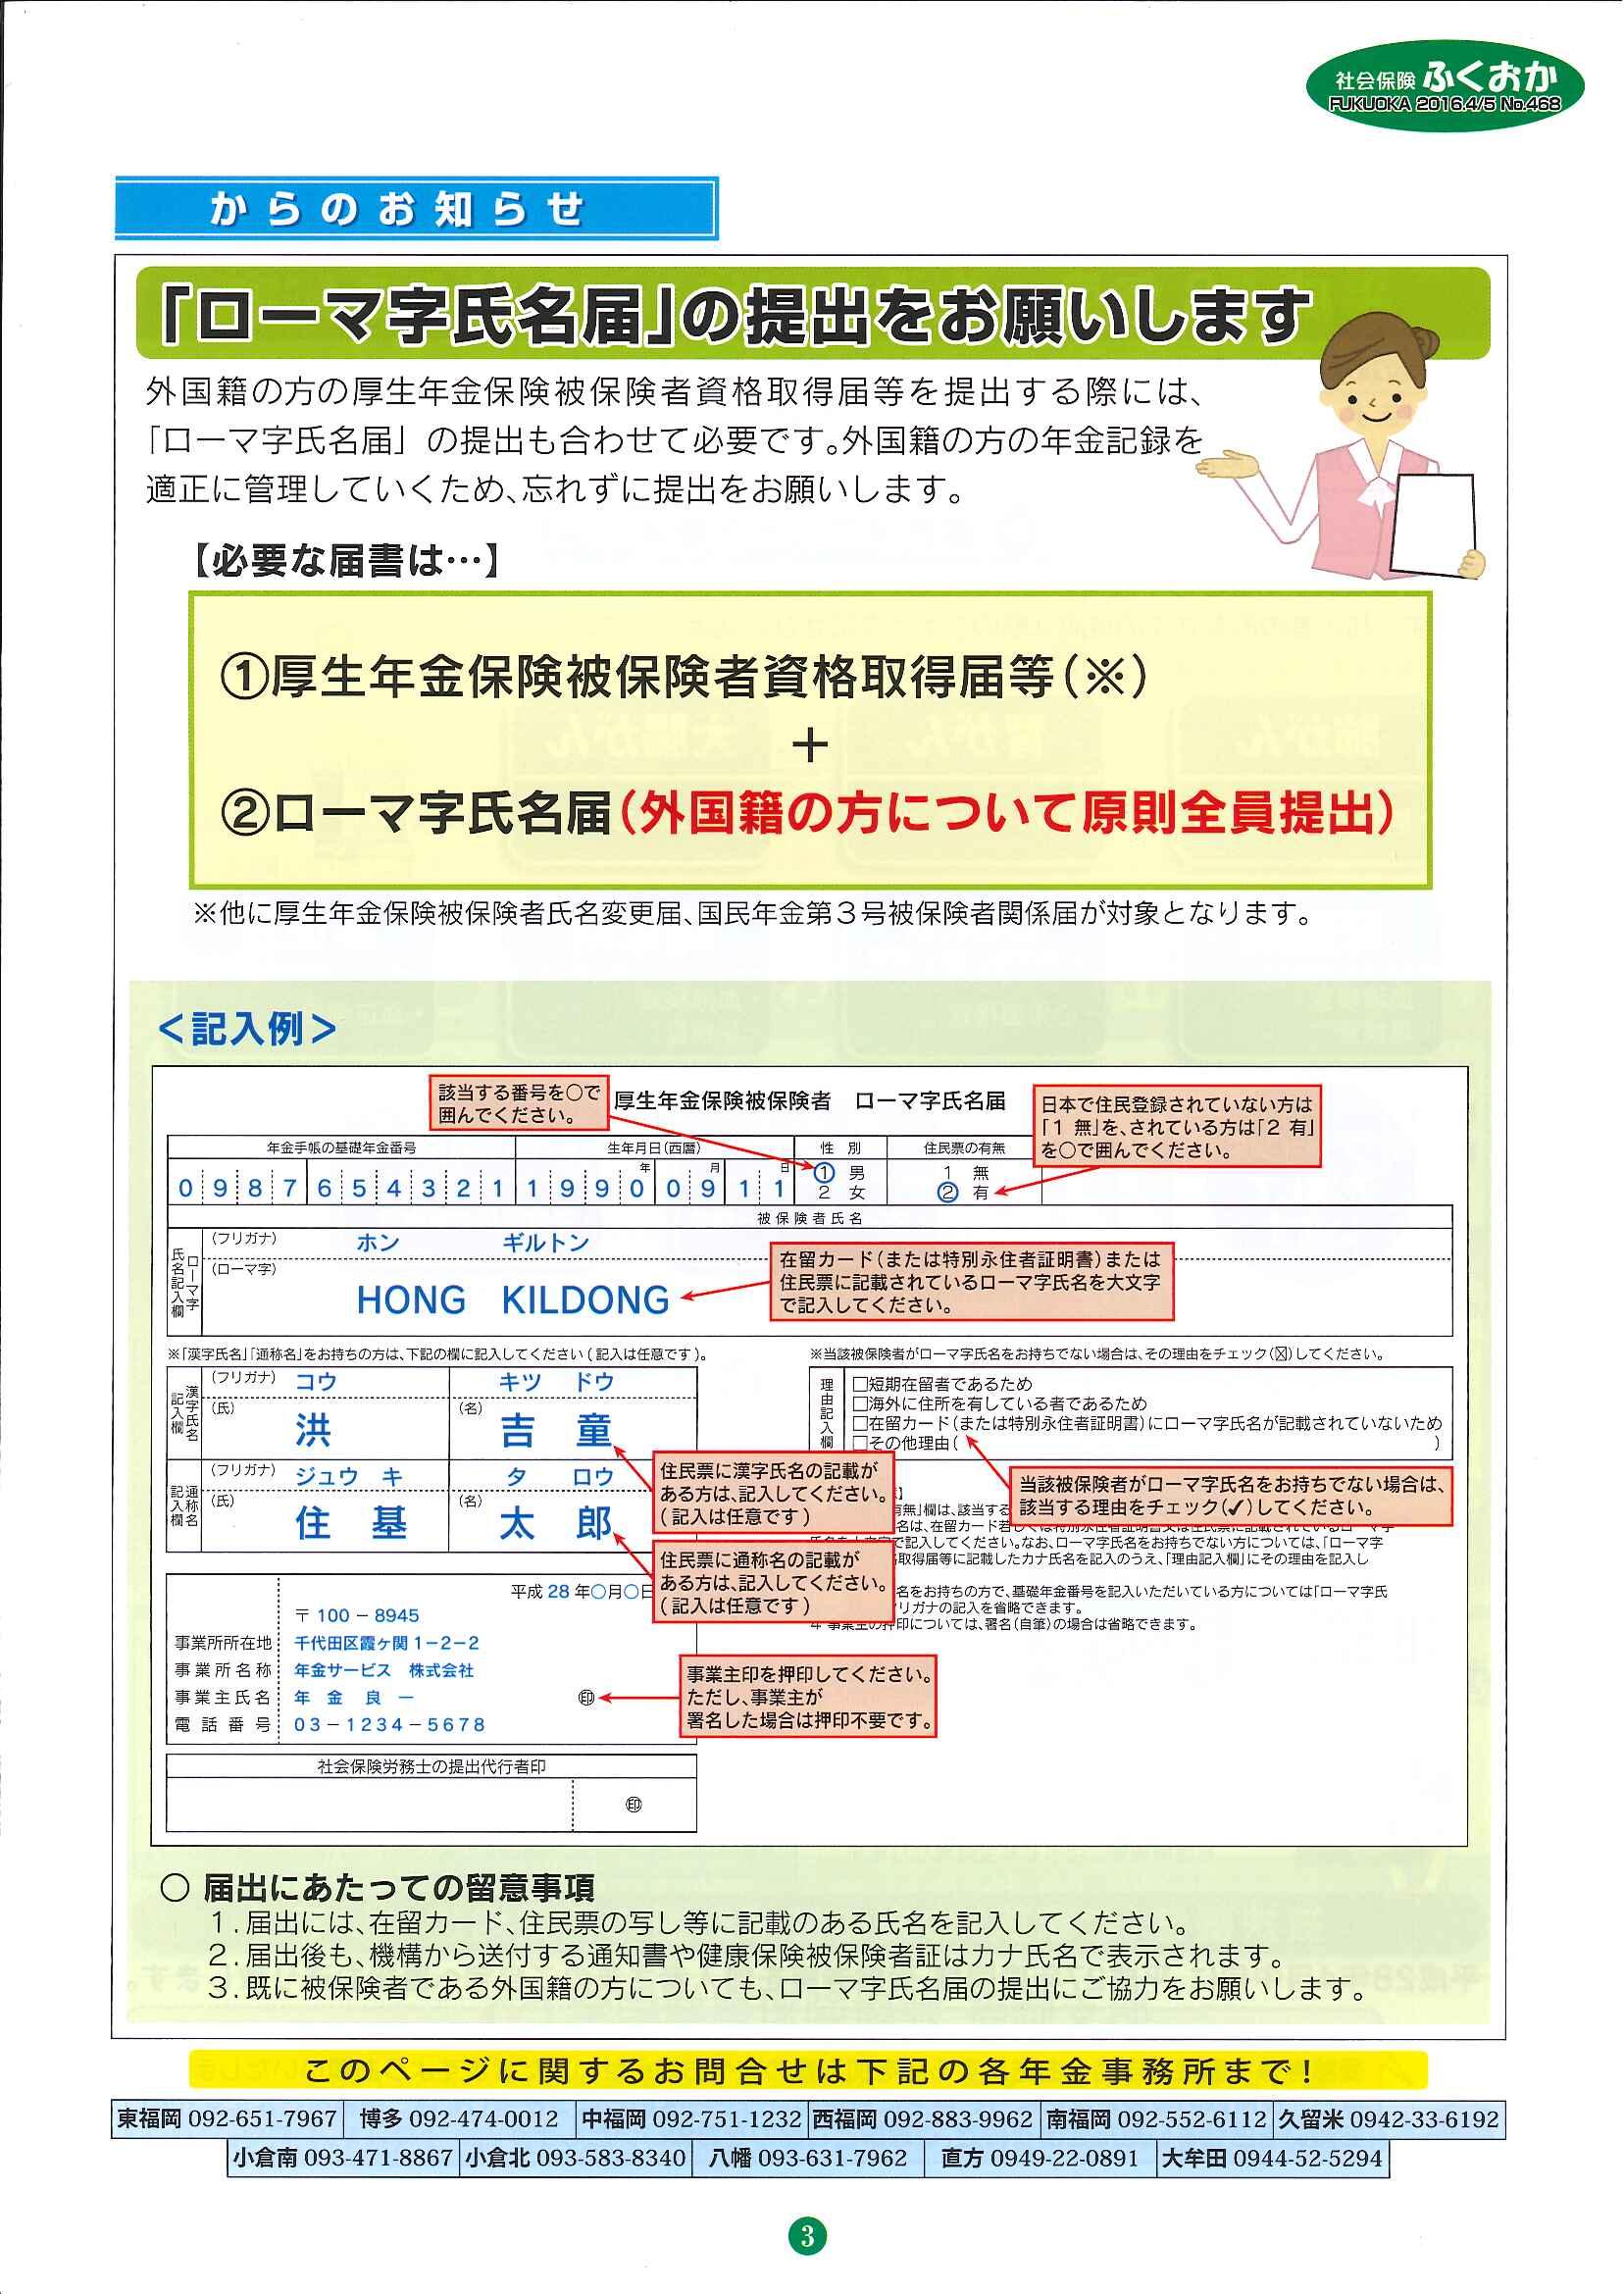 社会保険 ふくおか 2016年4・5月号_f0120774_1333678.jpg